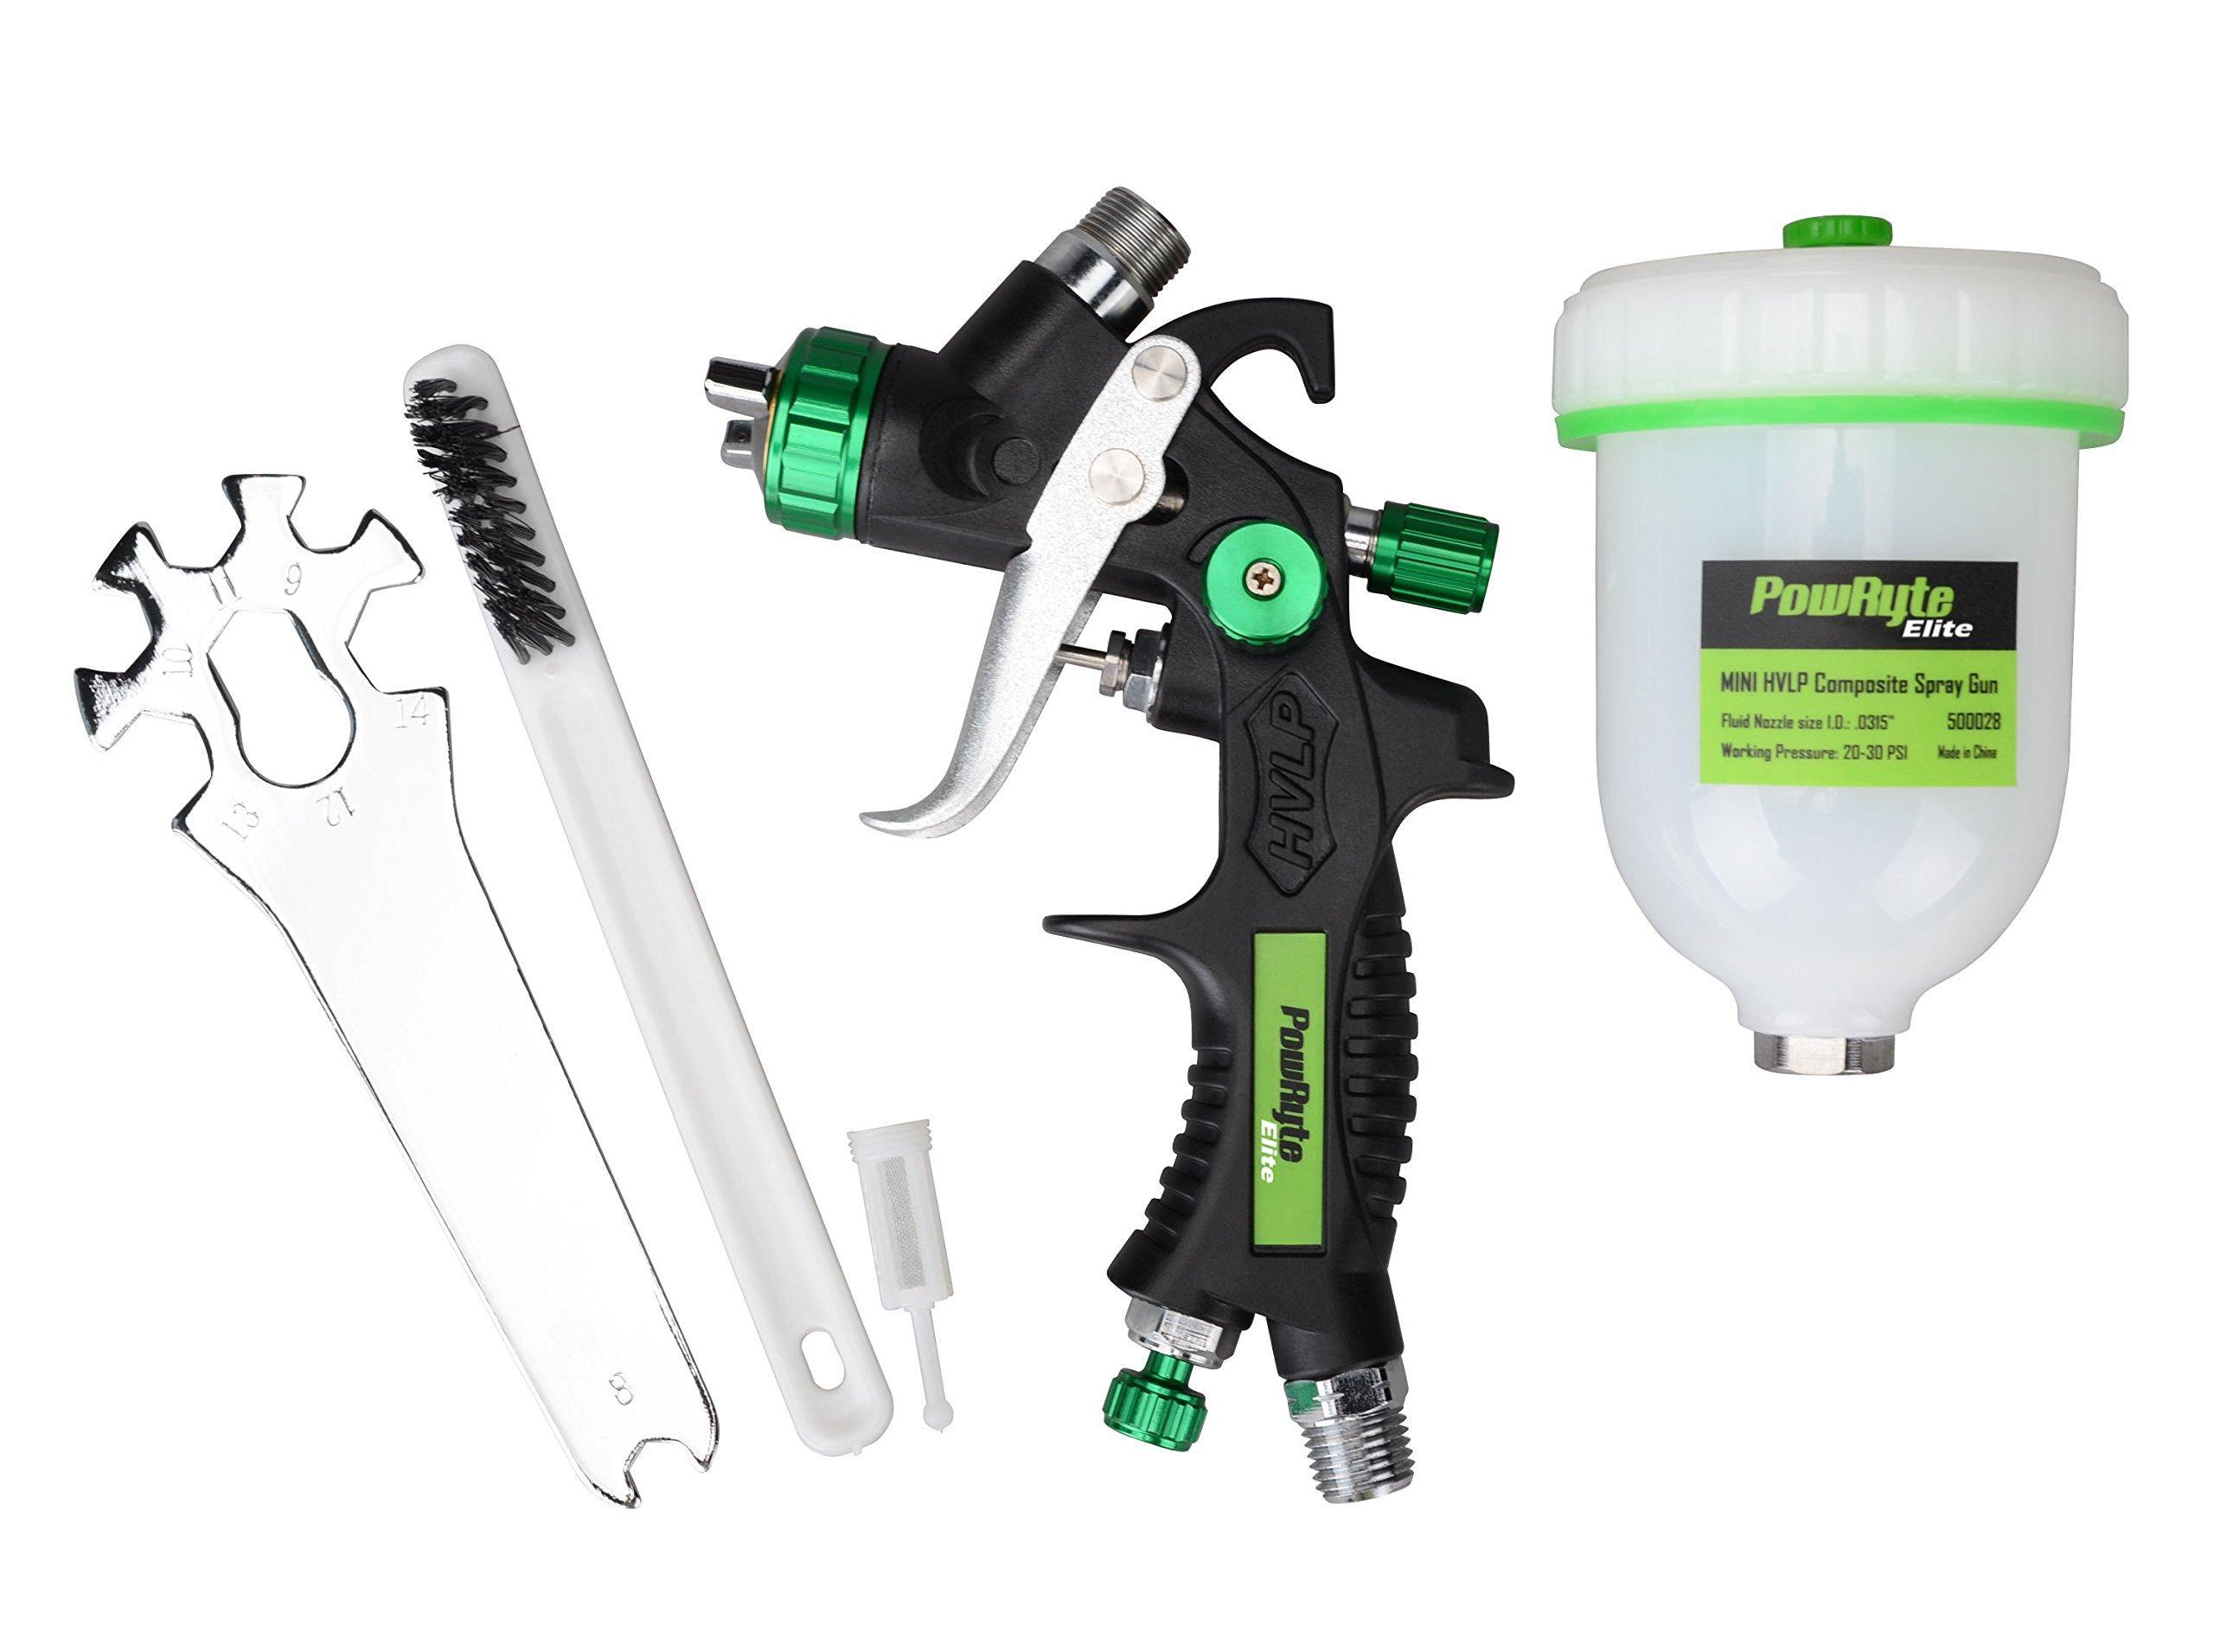 PowRyte Elite 4.2 Oz Composite Mini HVLP Gravity Feed Air Spray Gun - 0.8mm Nozzle by PowRyte (Image #6)